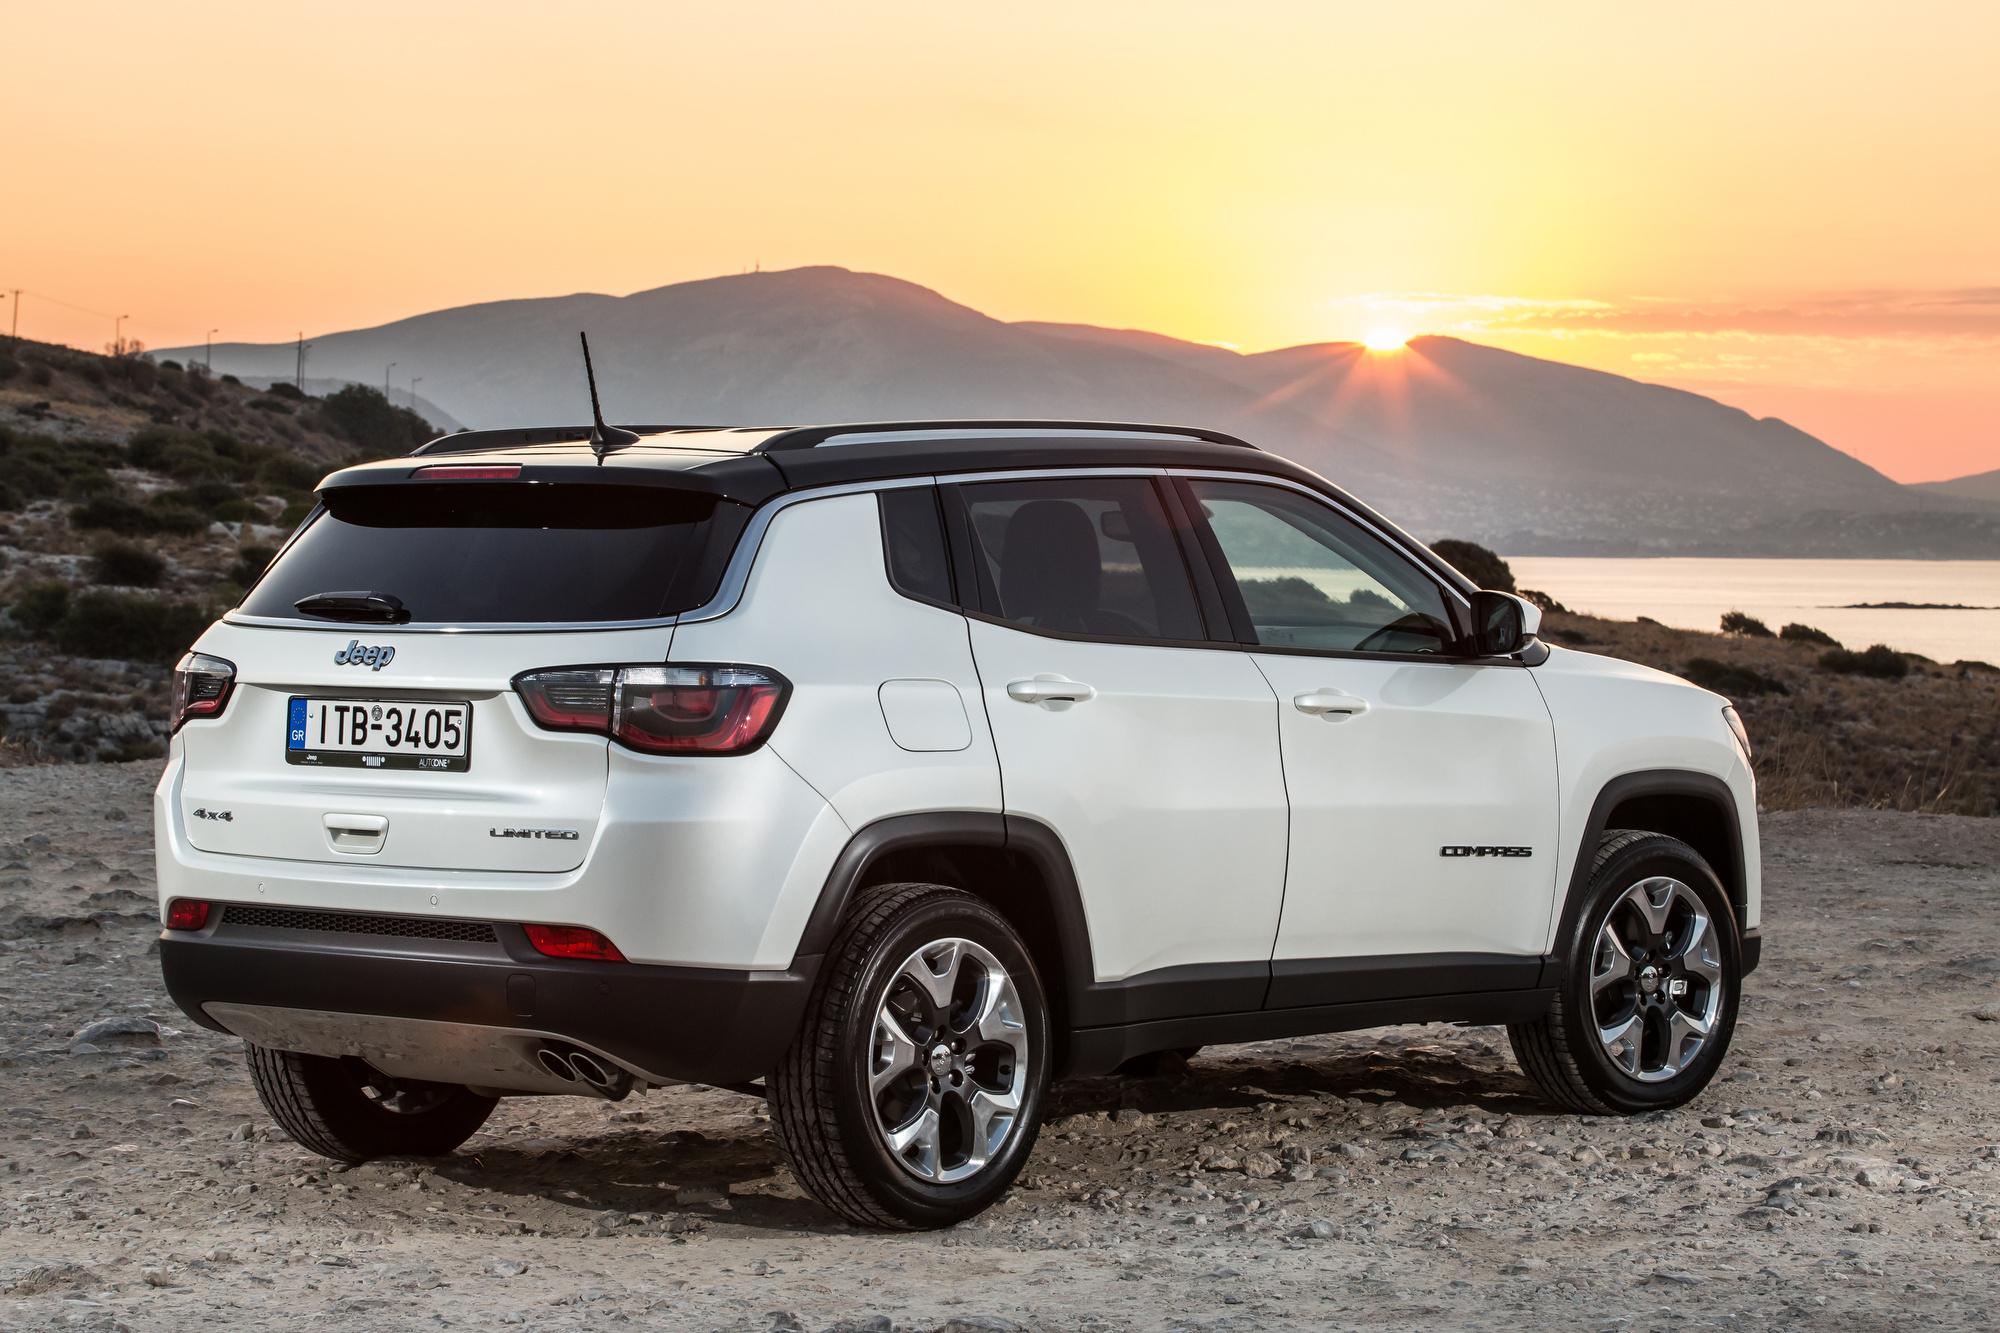 Το ολοκαίνουργιο Jeep® Compass προσφέρει έναν απαράμιλλο συνδυασμό ικανοτήτων. Η θρυλική και καλύτερη στην κατηγορία του ικανότητα 4Χ4, ο αυθεντικός αλλά και σύγχρονος σχεδιασμός της Jeep, η εξαιρετική συμπεριφορά εντός δρόμου και η αίσθηση ελευθερίας που προσφέρει στους επιβαίνοντες, συνδυάζονται με μία πληθώρα συστημάτων για την ασφάλεια και την διασκέδαση σε αρμονική συνεργασία. Το νέο μοντέλο, αντιπροσωπεύει μία προσθήκη-κλειδί στην γκάμα της Jeep και επιτρέπει στη μάρκα να ενδυναμώσει τη θέση της στην κατηγορία των Compact SUV, μία κατηγορία που είναι ιδιαίτερα σημαντική και αναμένεται να αυξηθεί κατά 20% παγκοσμίως μέχρι το 2020, φτάνοντας τις 7.5 εκατομμύρια μονάδες. Για την Ευρωπαϊκή αγορά, η κατηγορία των Compact SUV, που σήμερα αριθμεί 1.6 εκατ. μονάδες, αναμένεται να φτάσει τις 2 εκατ. μονάδες μέχρι το 2020. Για να μπορέσει να ικανοποιήσει όλες τις διαφορετικές ανάγκες των πελατών, το νέο Jeep Compass θα πωλείται με δύο πετρελαιοκινητήρες και ένα βενζινοκινητήρα προκειμένου να προσφέρει 8 διαφορετικούς συνδυασμούς κινητήρων και μετάδοσης σε 4 εκδόσεις: Sport, Longitude, Limited και την Trailhawk που αποτελεί την ικανότερη πρόταση εκτός δρόμου. Με την παρουσίαση του ολοκαίνουργιου Compass, η Jeep ολοκληρώνει την προϊοντική της επέκταση στην Ευρώπη, προσφέροντας λύσεις σε κάθε ένα κομμάτι της κατηγορίας SUV. Το νέο μοντέλο αποτελεί μία συναρπαστική πρόταση για τους Ευρωπαίους πελάτες, συνδυάζοντας τις θρυλικές ικανότητες εκτός δρόμου κίνησης με ένα όχημα που παράλληλα προσφέρει ασφαλή, διασκεδαστική και άνετη καθημερινή εμπειρία μετακίνησης. Το Jeep Compass θα είναι διαθέσιμο στις εκθέσεις Jeep των μεγαλύτερων ευρωπαϊκών αγορών τον Ιούλιο. Ιδιαίτερος, σύγχρονος και αυθεντικός Jeep σχεδιασμός, - Premium χαρακτηριστικά - Αίσθηση ελευθερίας Το ολοκαίνουργιο Jeep Compass χαρακτηρίζεται από την ξεχωριστή αισθητική της σχεδίασής του, με φαρδύ και στιβαρό πάτημα και ιδανική αναλογία γυάλινων επιφανειών. Είναι άμεσα αναγνωρίσιμο ως Jeep, χάρη στα παραδοσιακά σχεδια